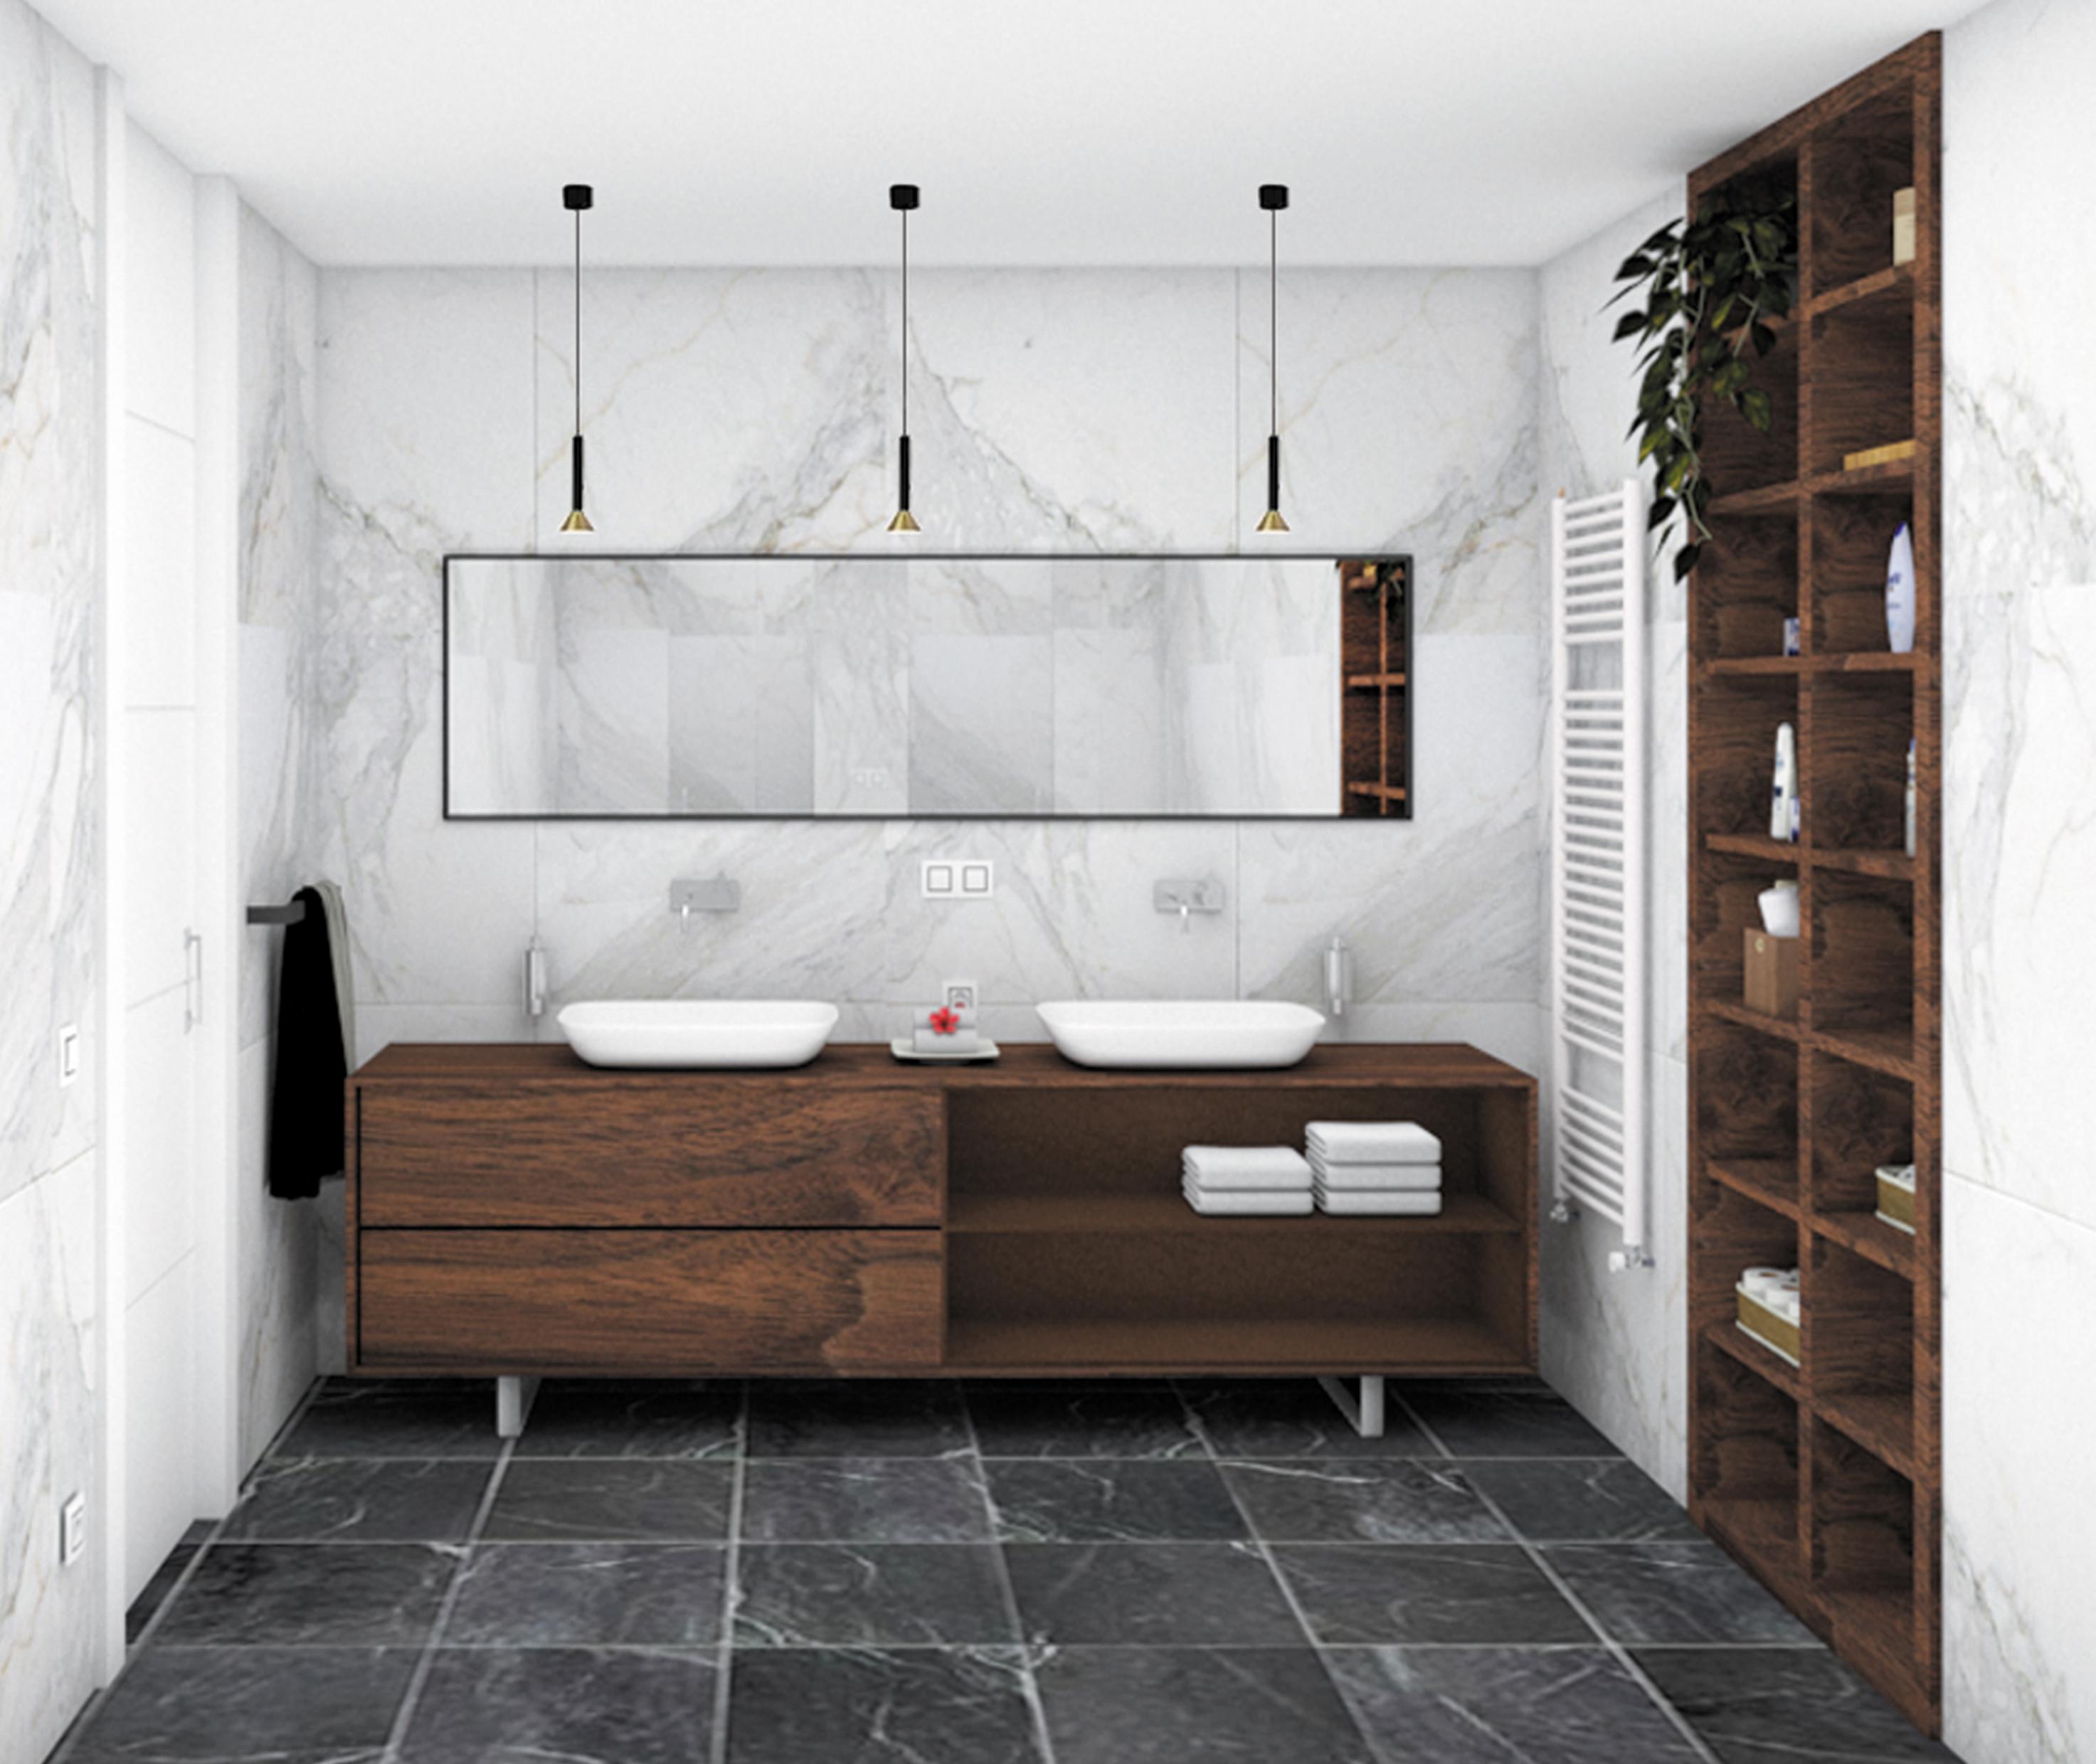 Diseño para el proyecto de reforma del baño, zona lavabos, de un piso en Gijón